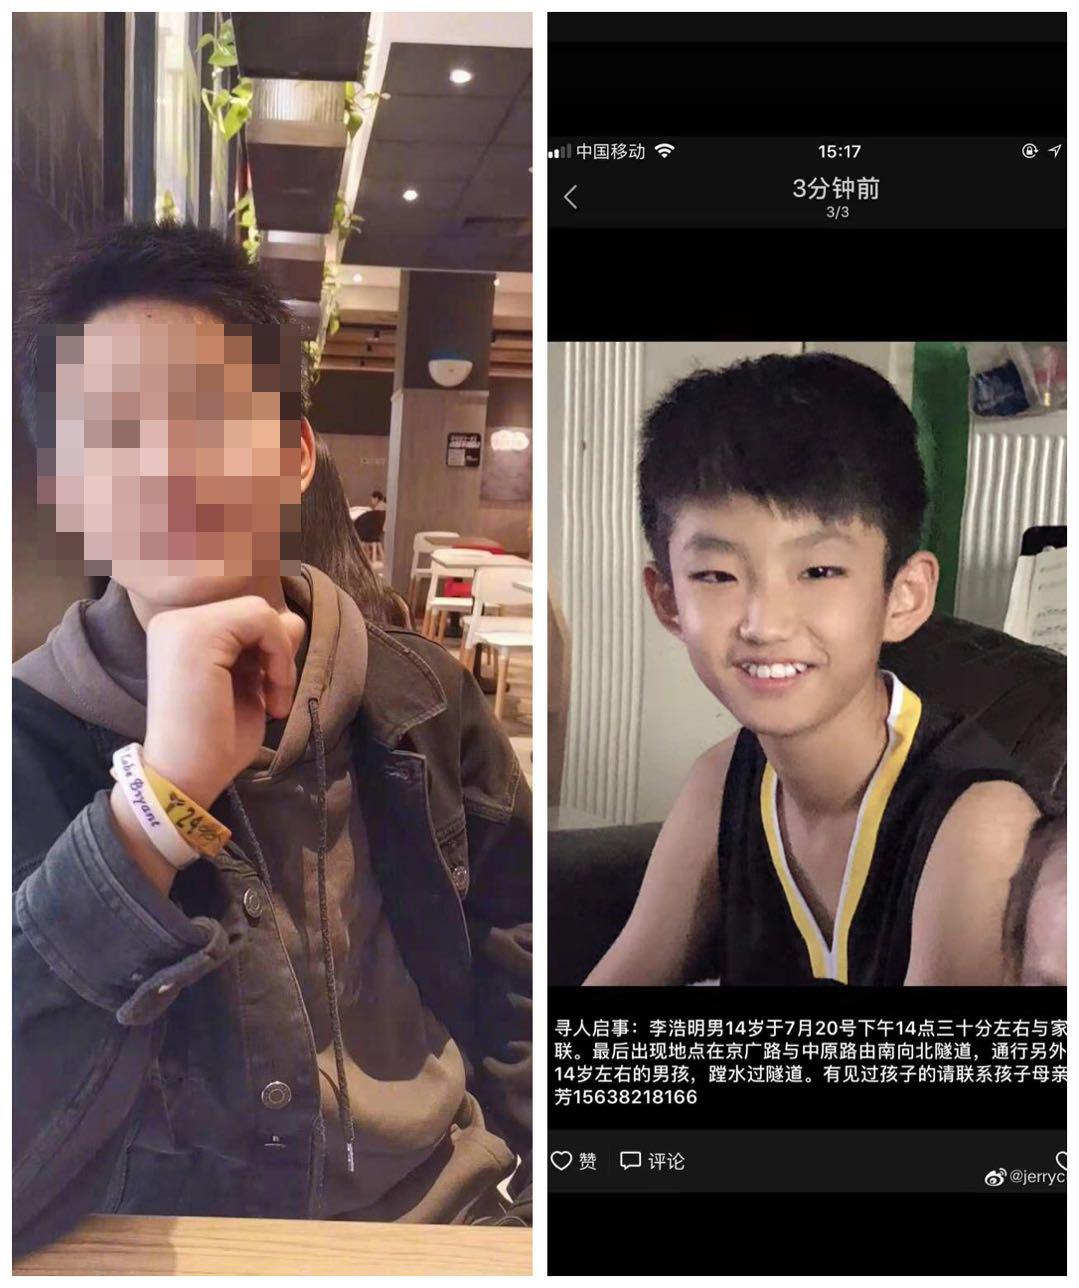 许玉昆(左)、李浩鸣(右)。